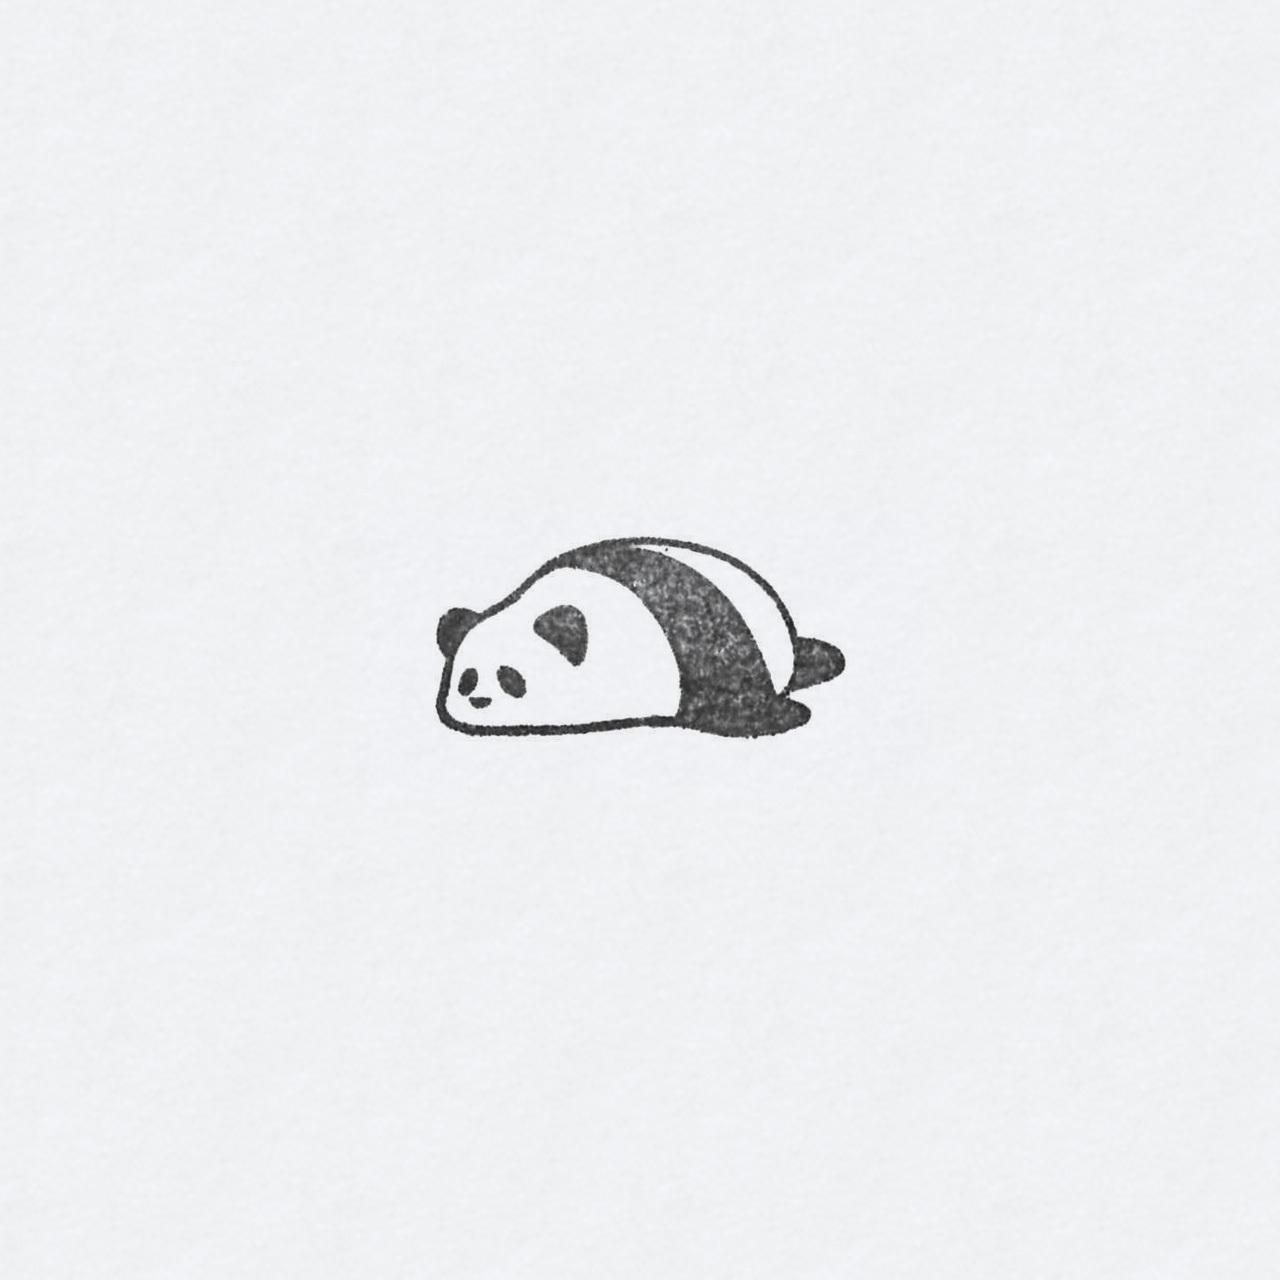 ゴム印 うつぶせパンダ